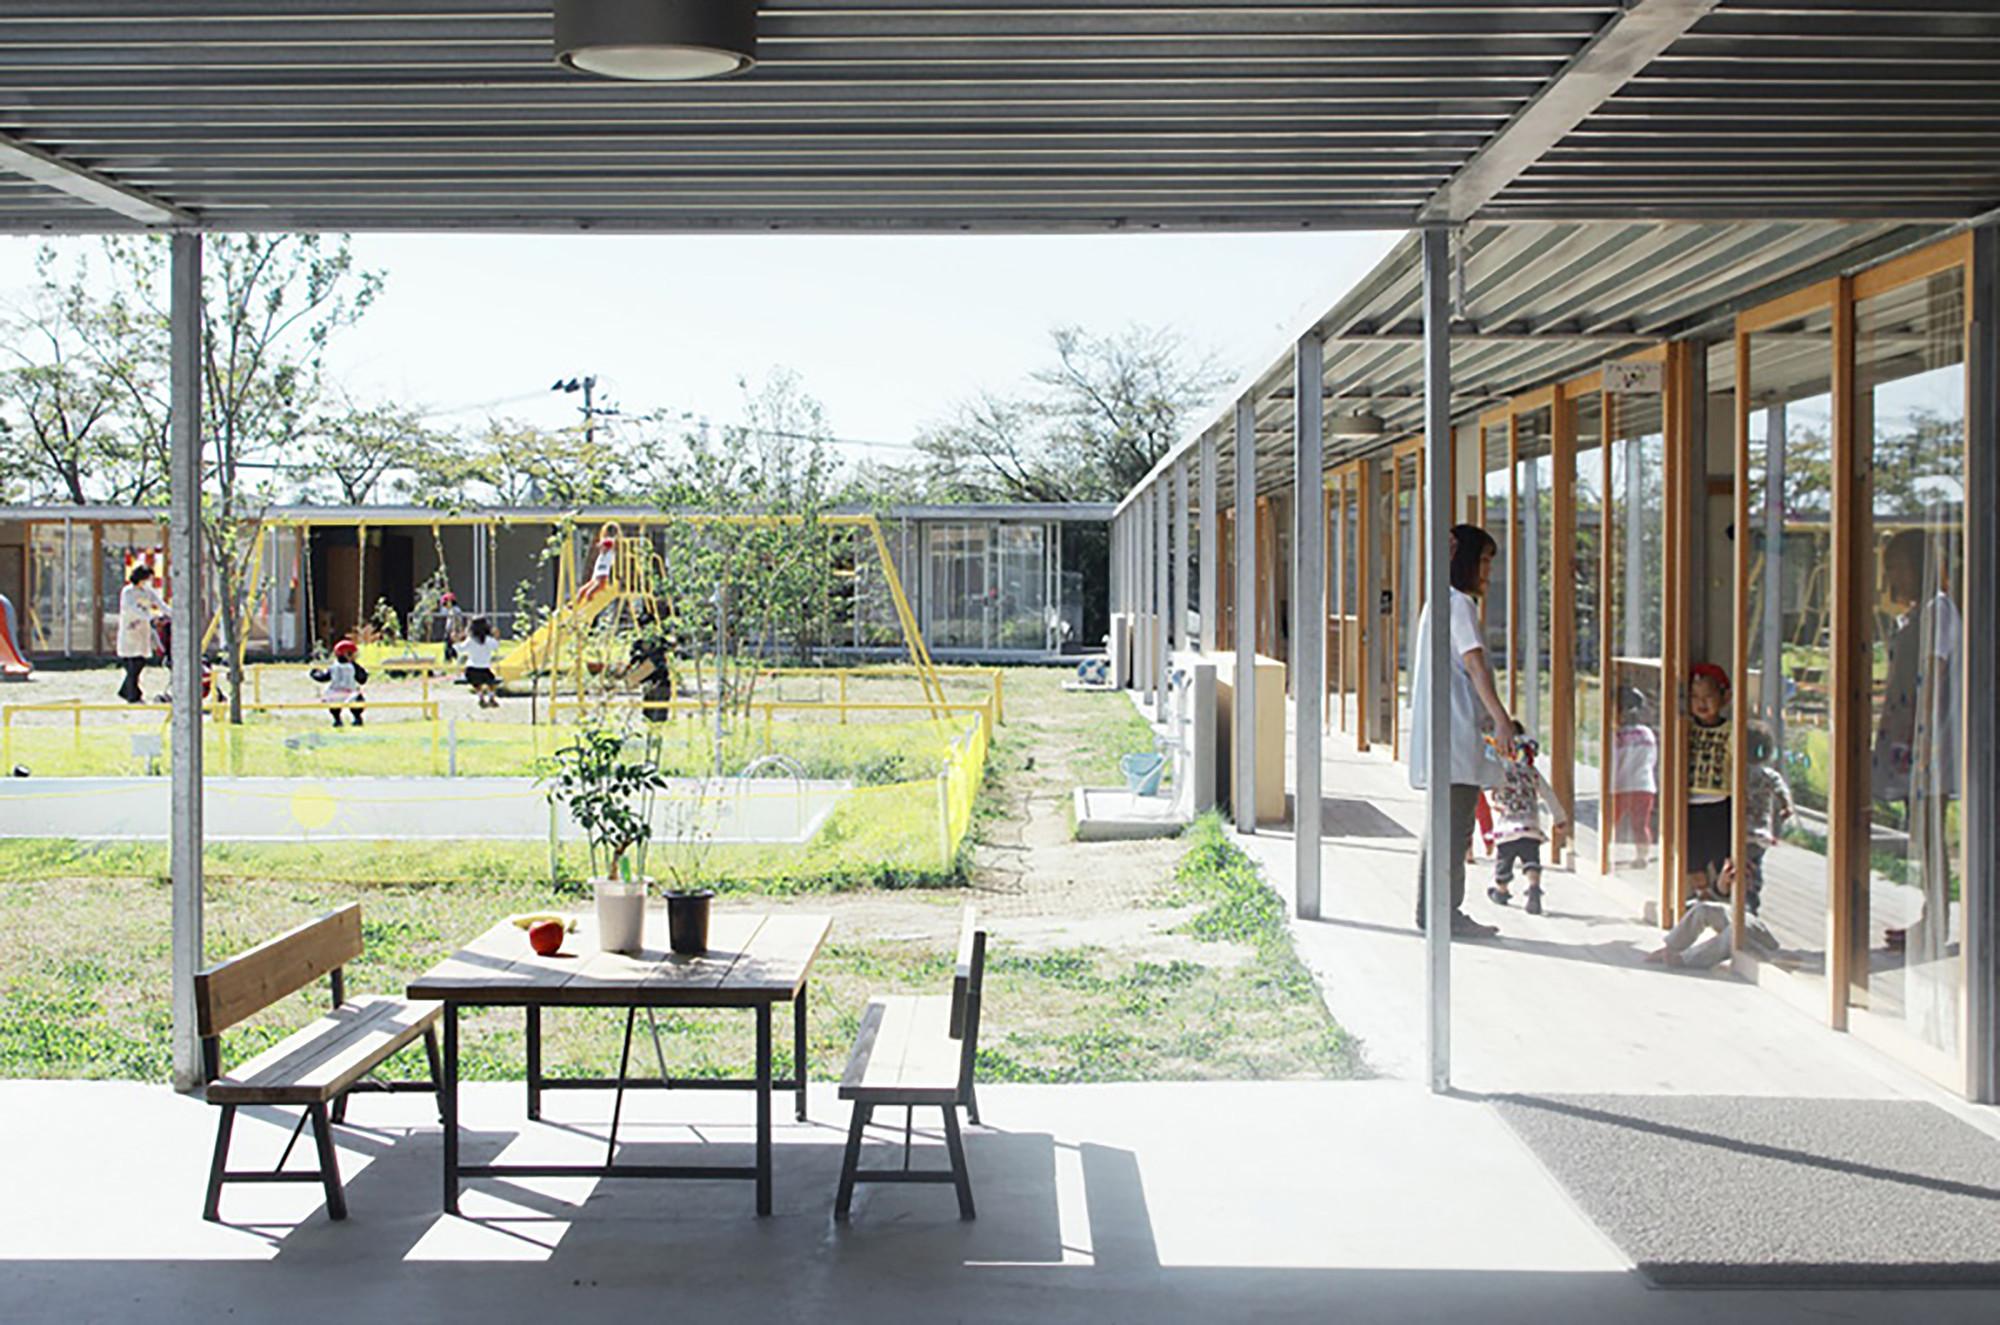 Guardería Shichigahama Tohyama / Takahashi Ippei Office, © Iwan Baan